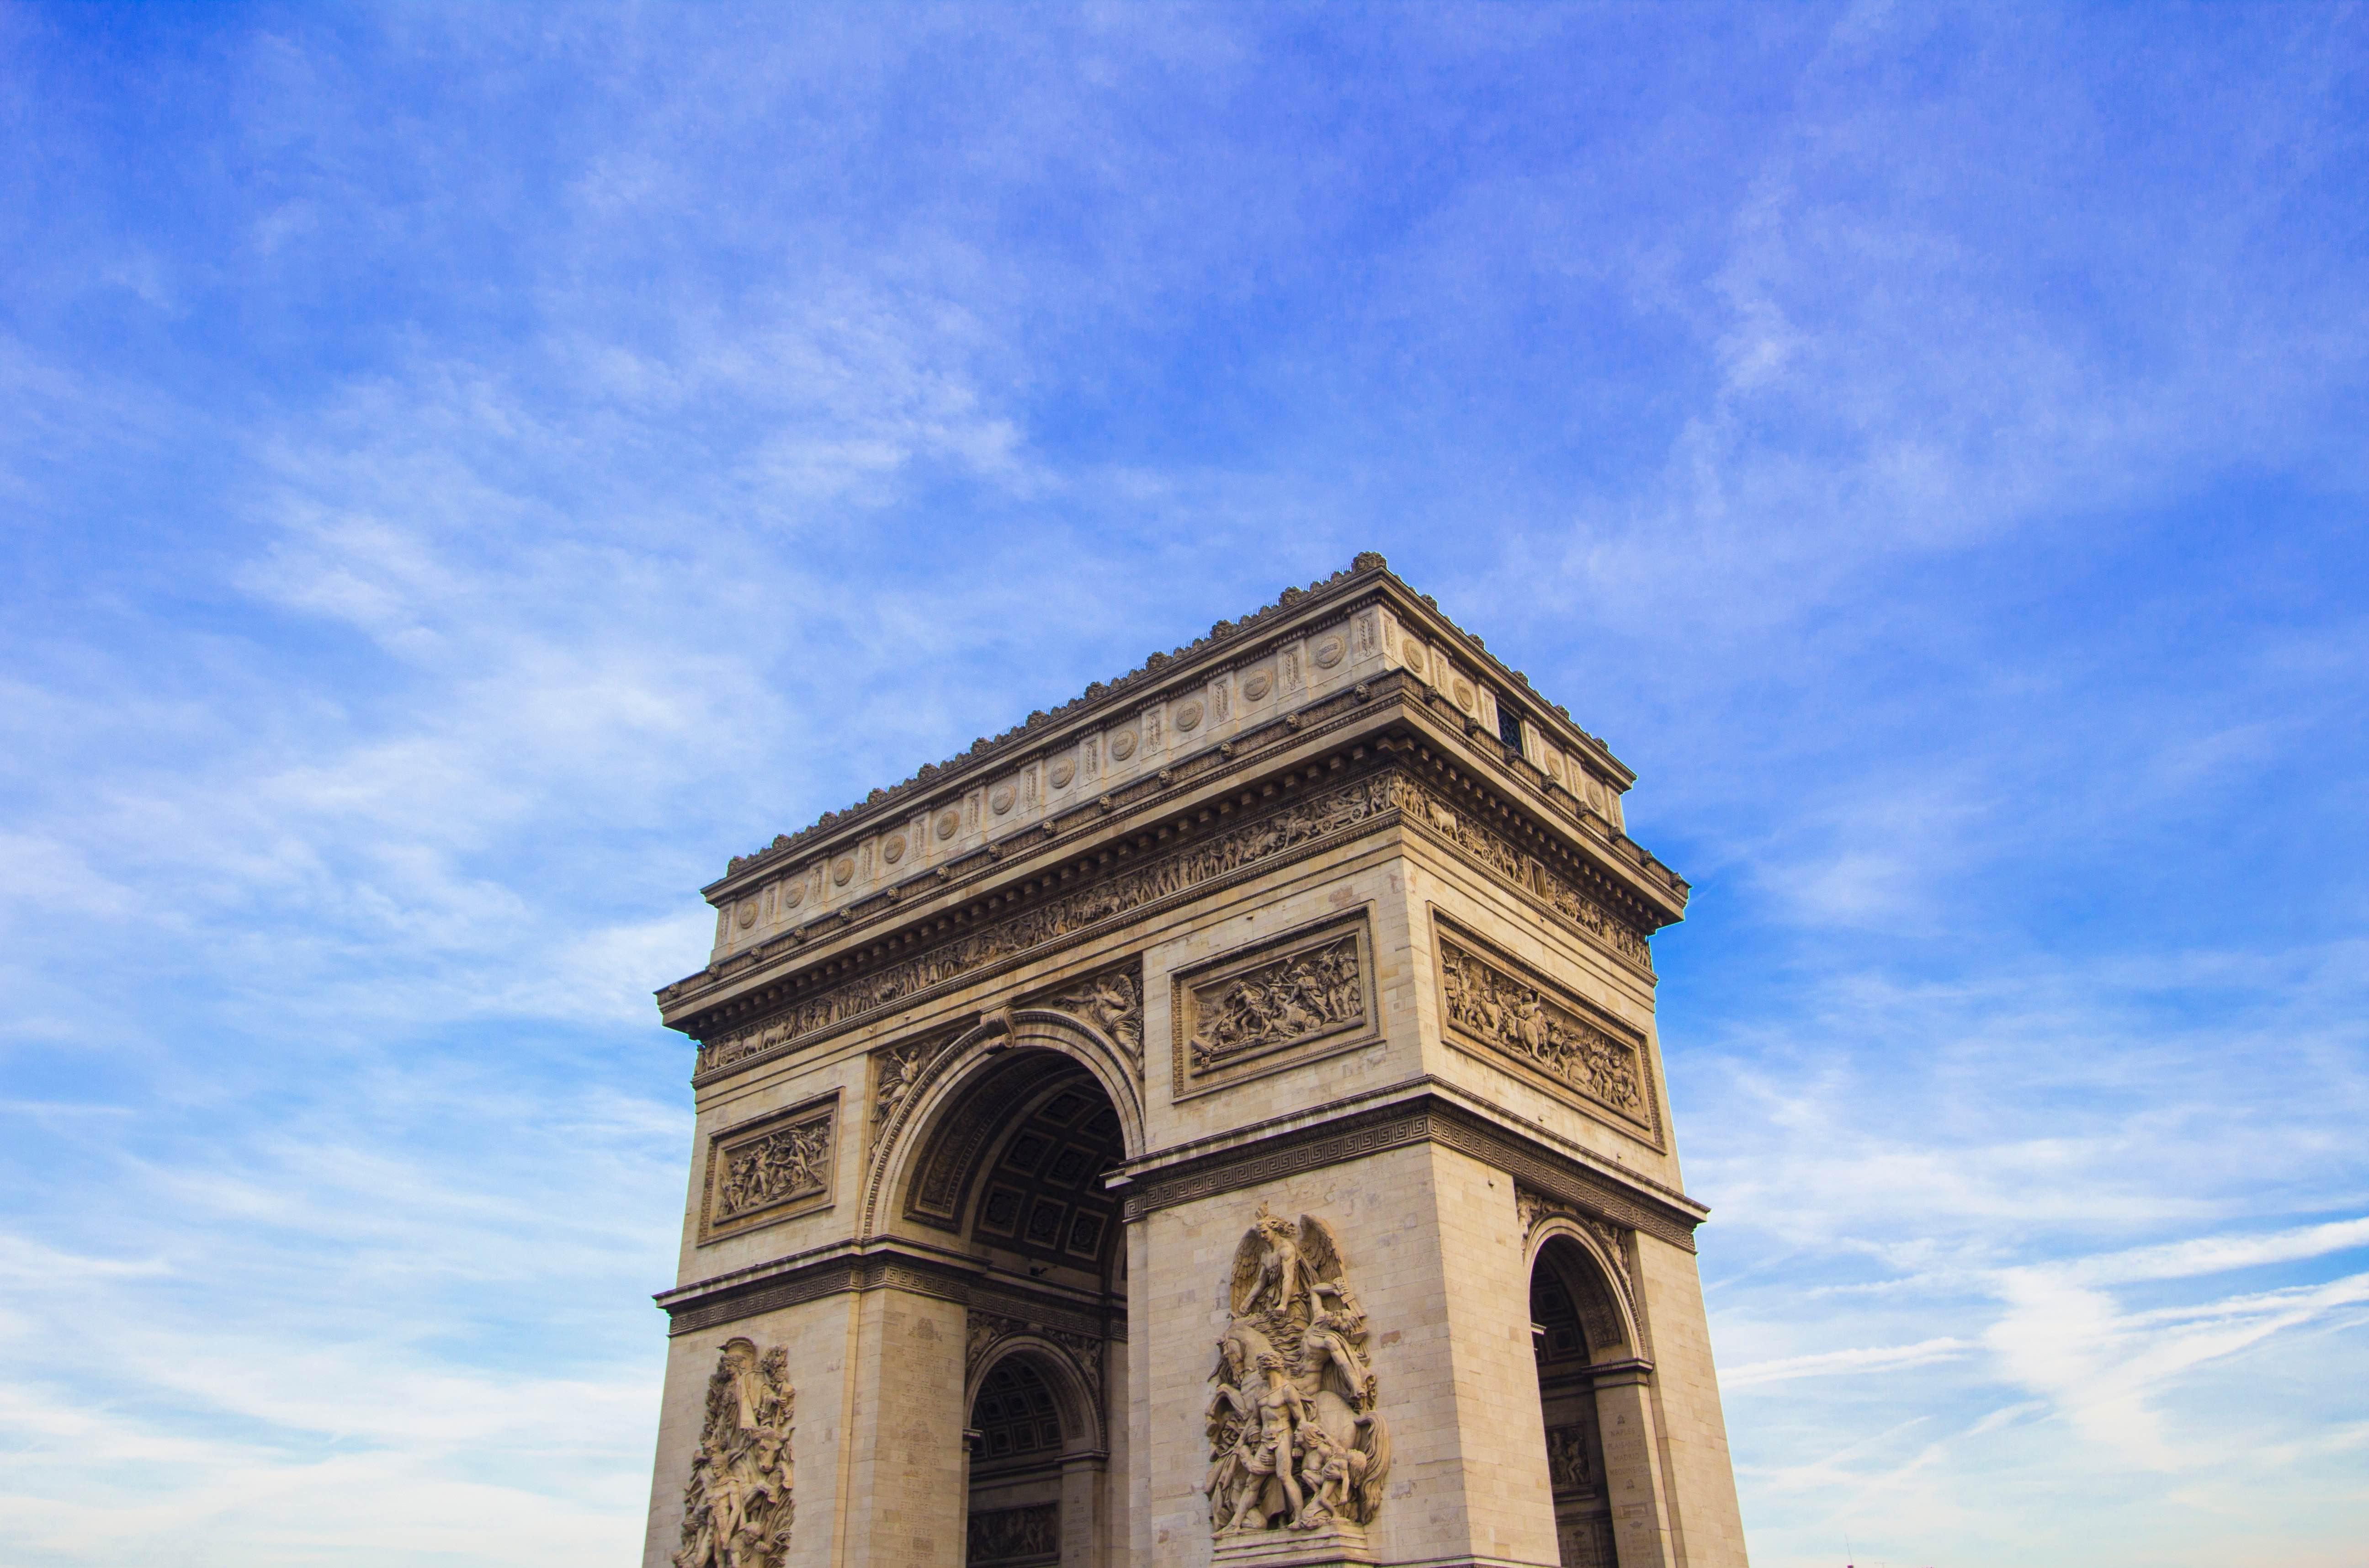 เที่ยวปารีส งบไม่ถึง 40,000 บาท